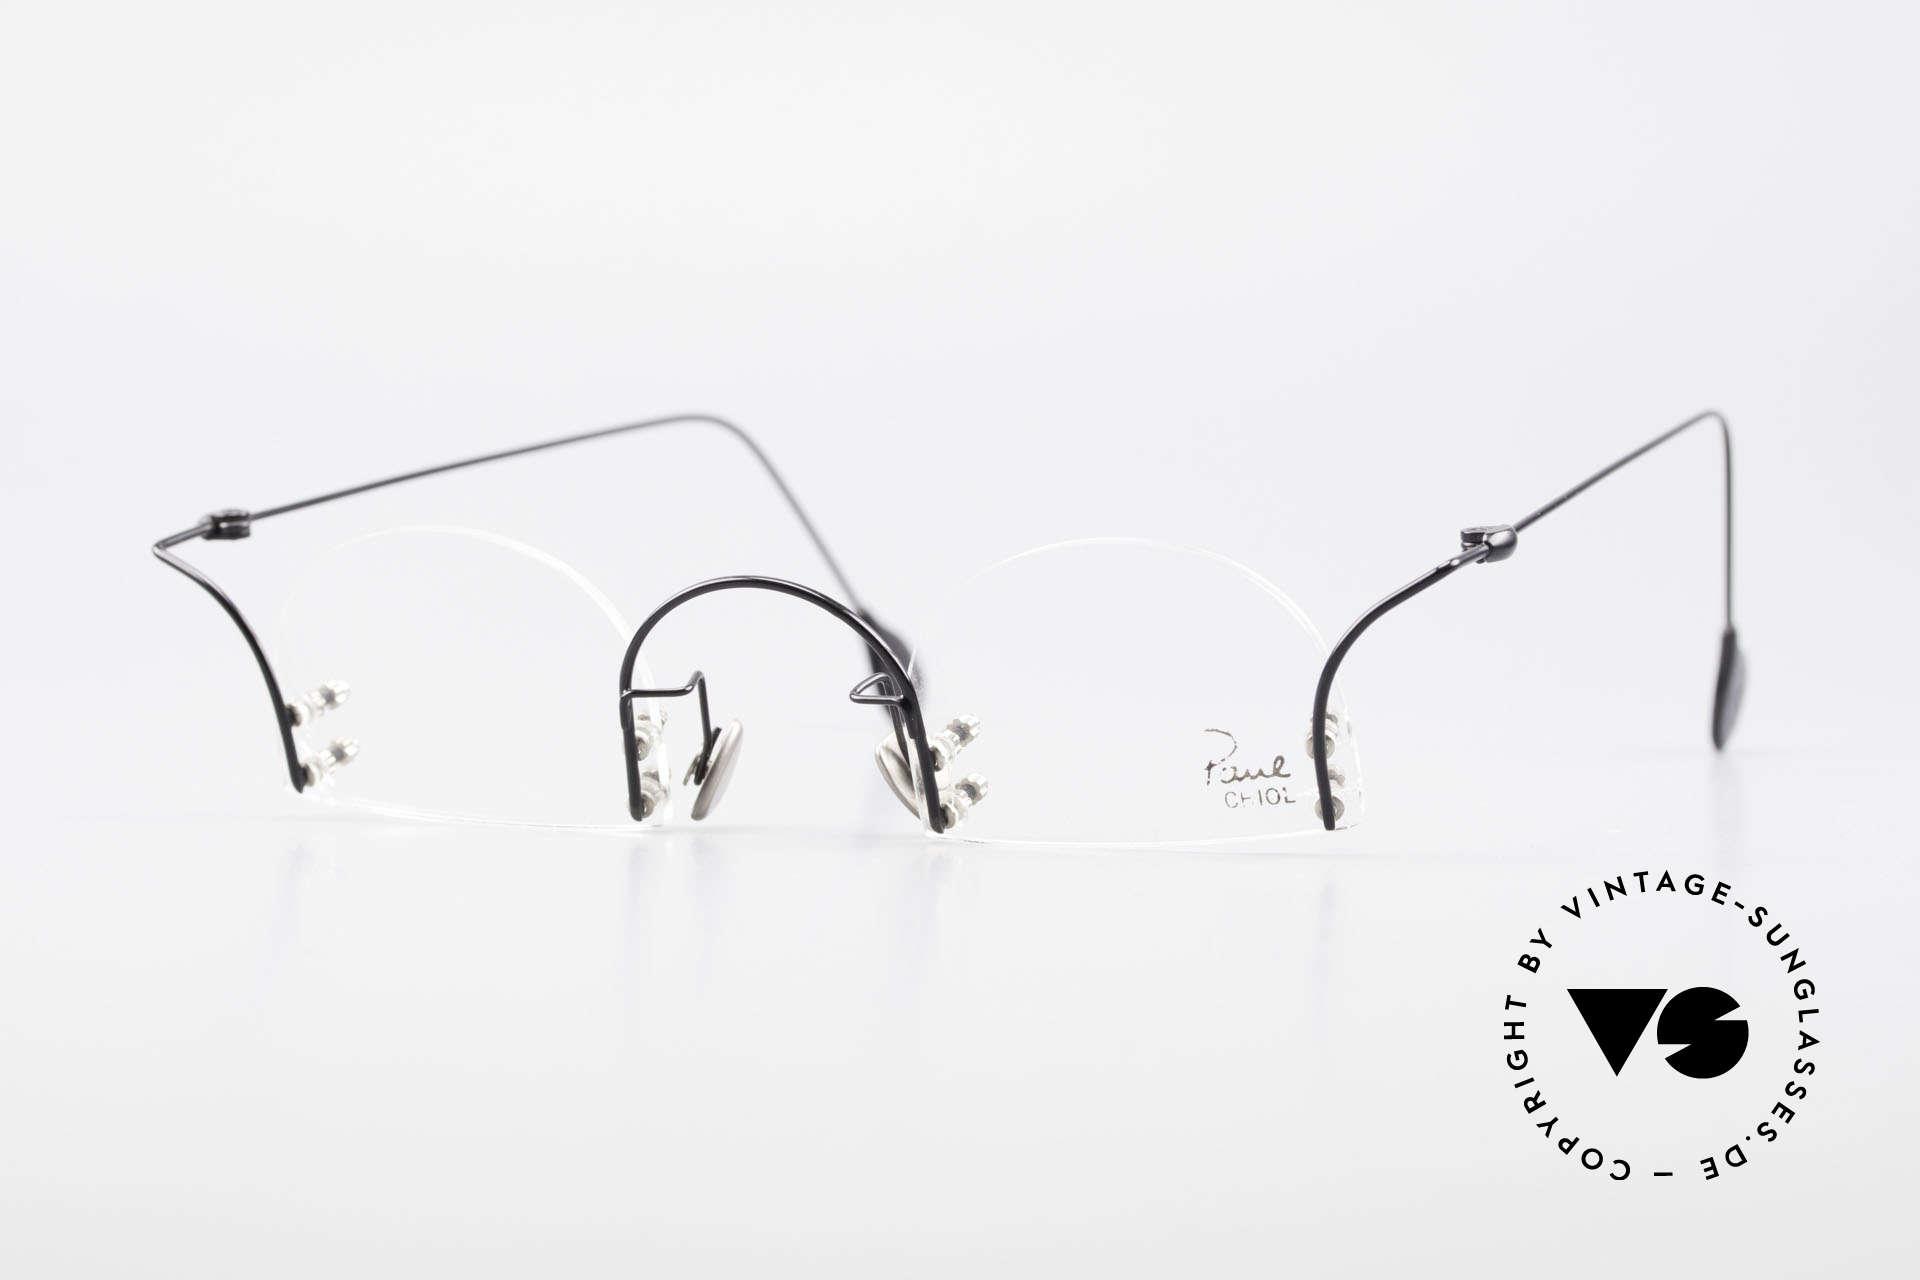 Paul Chiol 2000 Randlose Vintage Kunstbrille, vintage Paul Chiol Designer-Brillenfassung der 90er, Passend für Herren und Damen